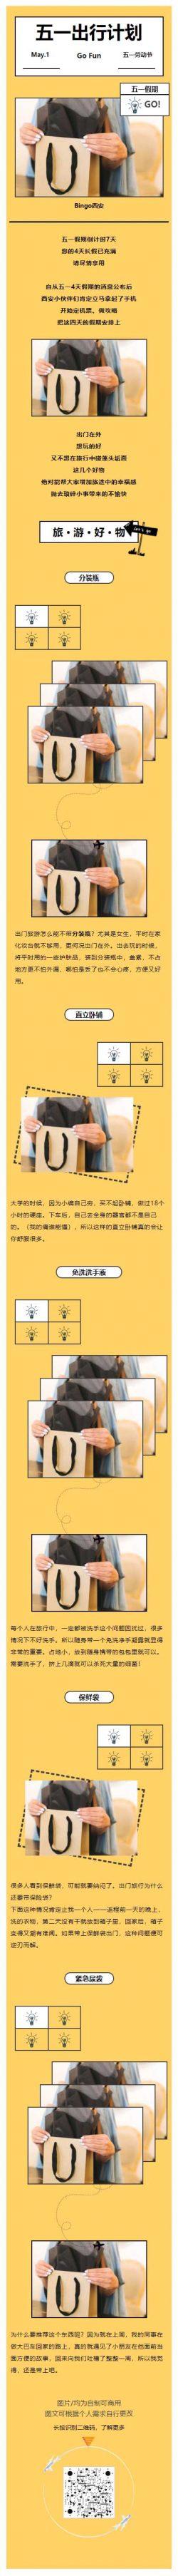 五一出行计划劳动节旅游黄色背景生活细节